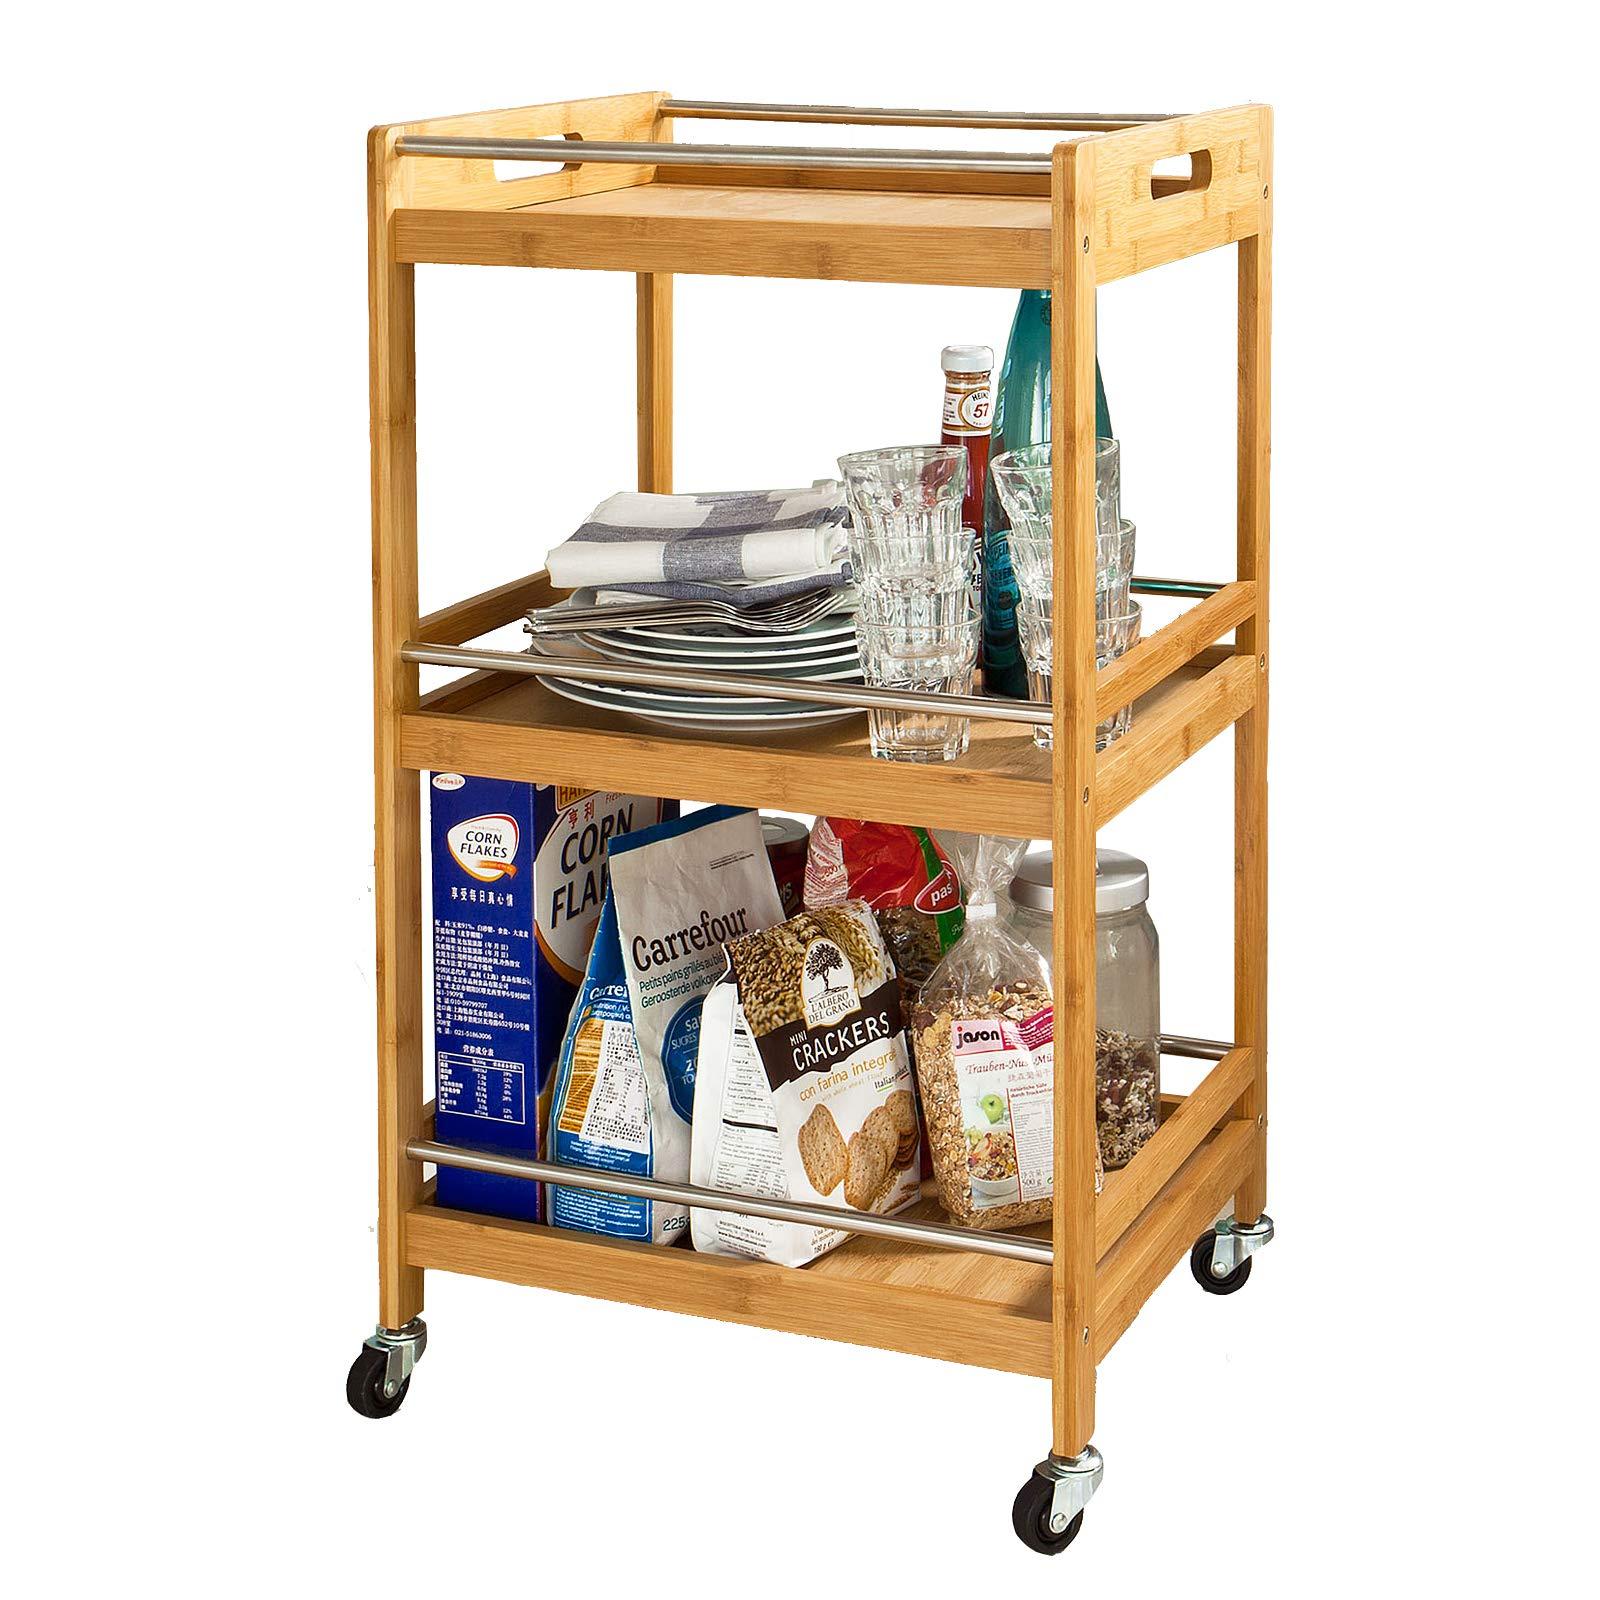 Am besten bewertete Produkte in der Kategorie Küchenwagen - Amazon.de